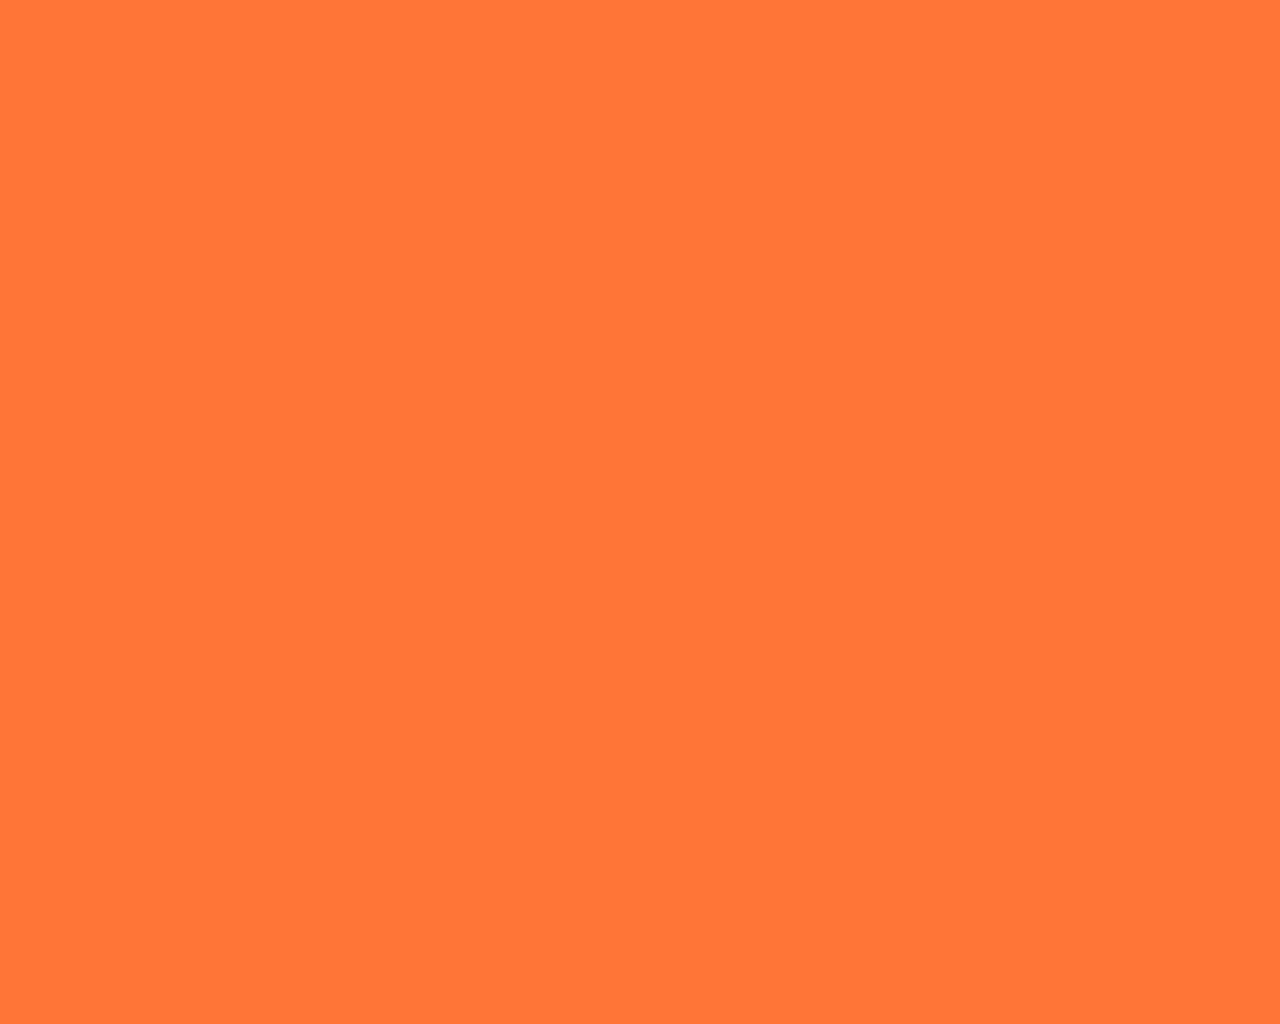 1280x1024 Orange Crayola Solid Color Background